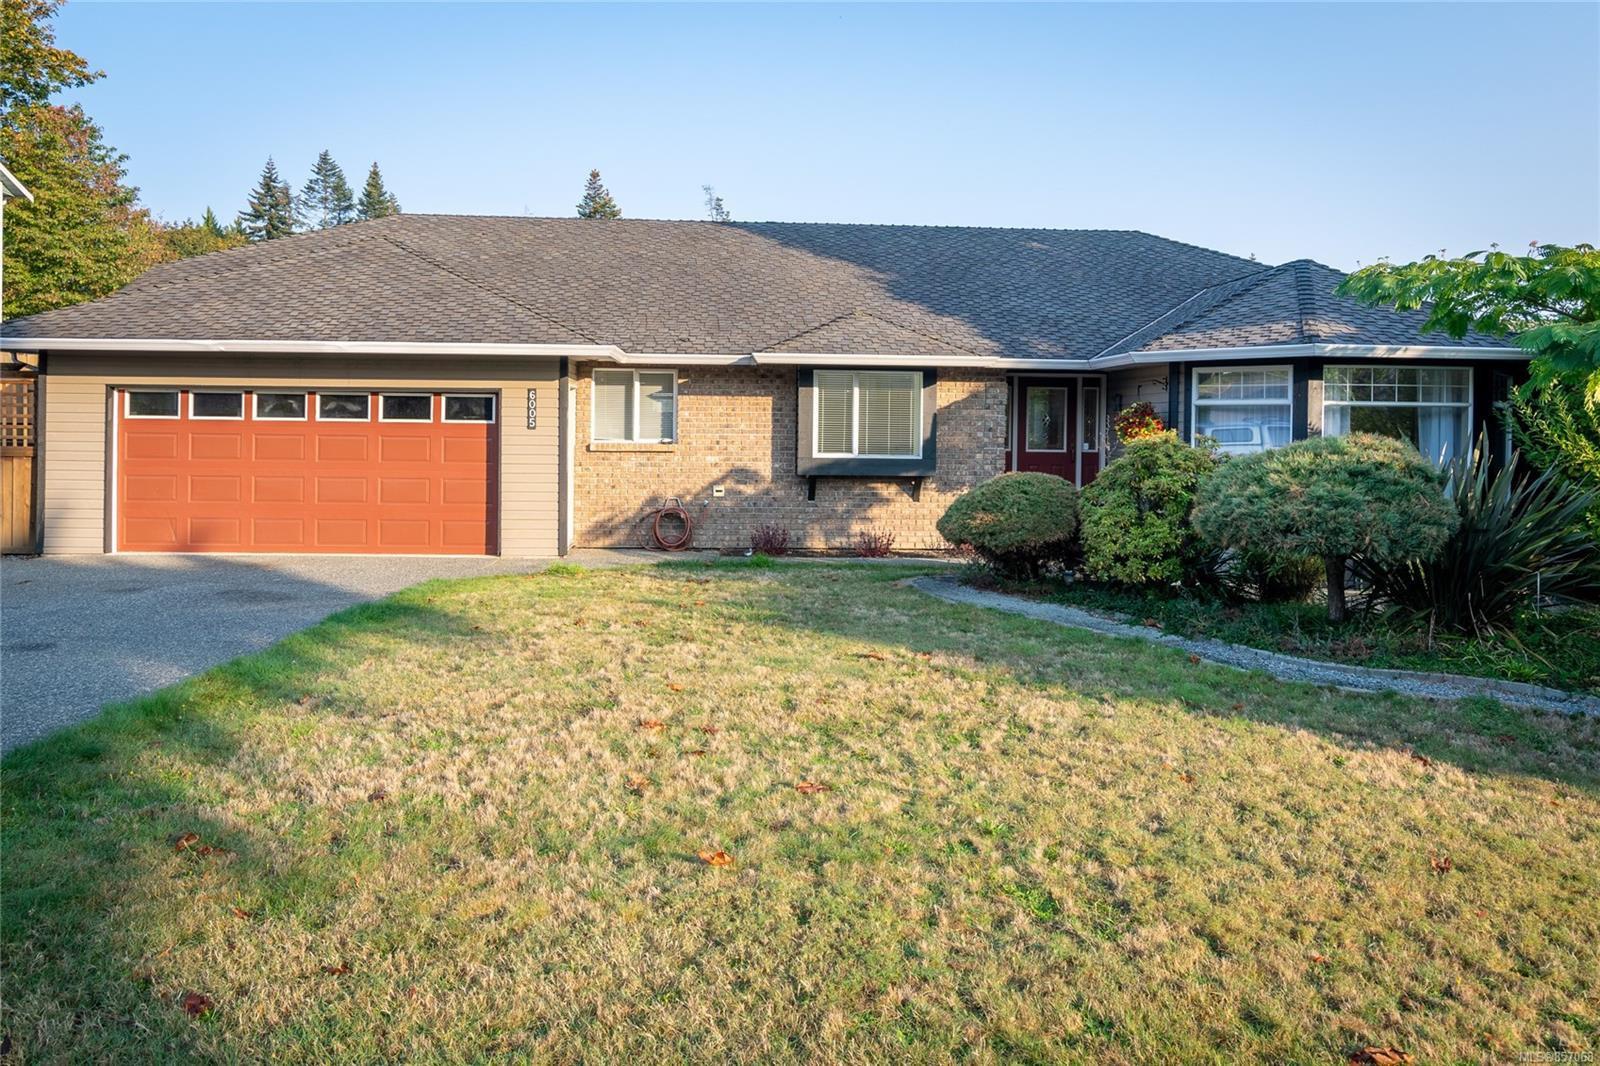 Main Photo: 6005 Breonna Dr in : Na North Nanaimo House for sale (Nanaimo)  : MLS®# 857068